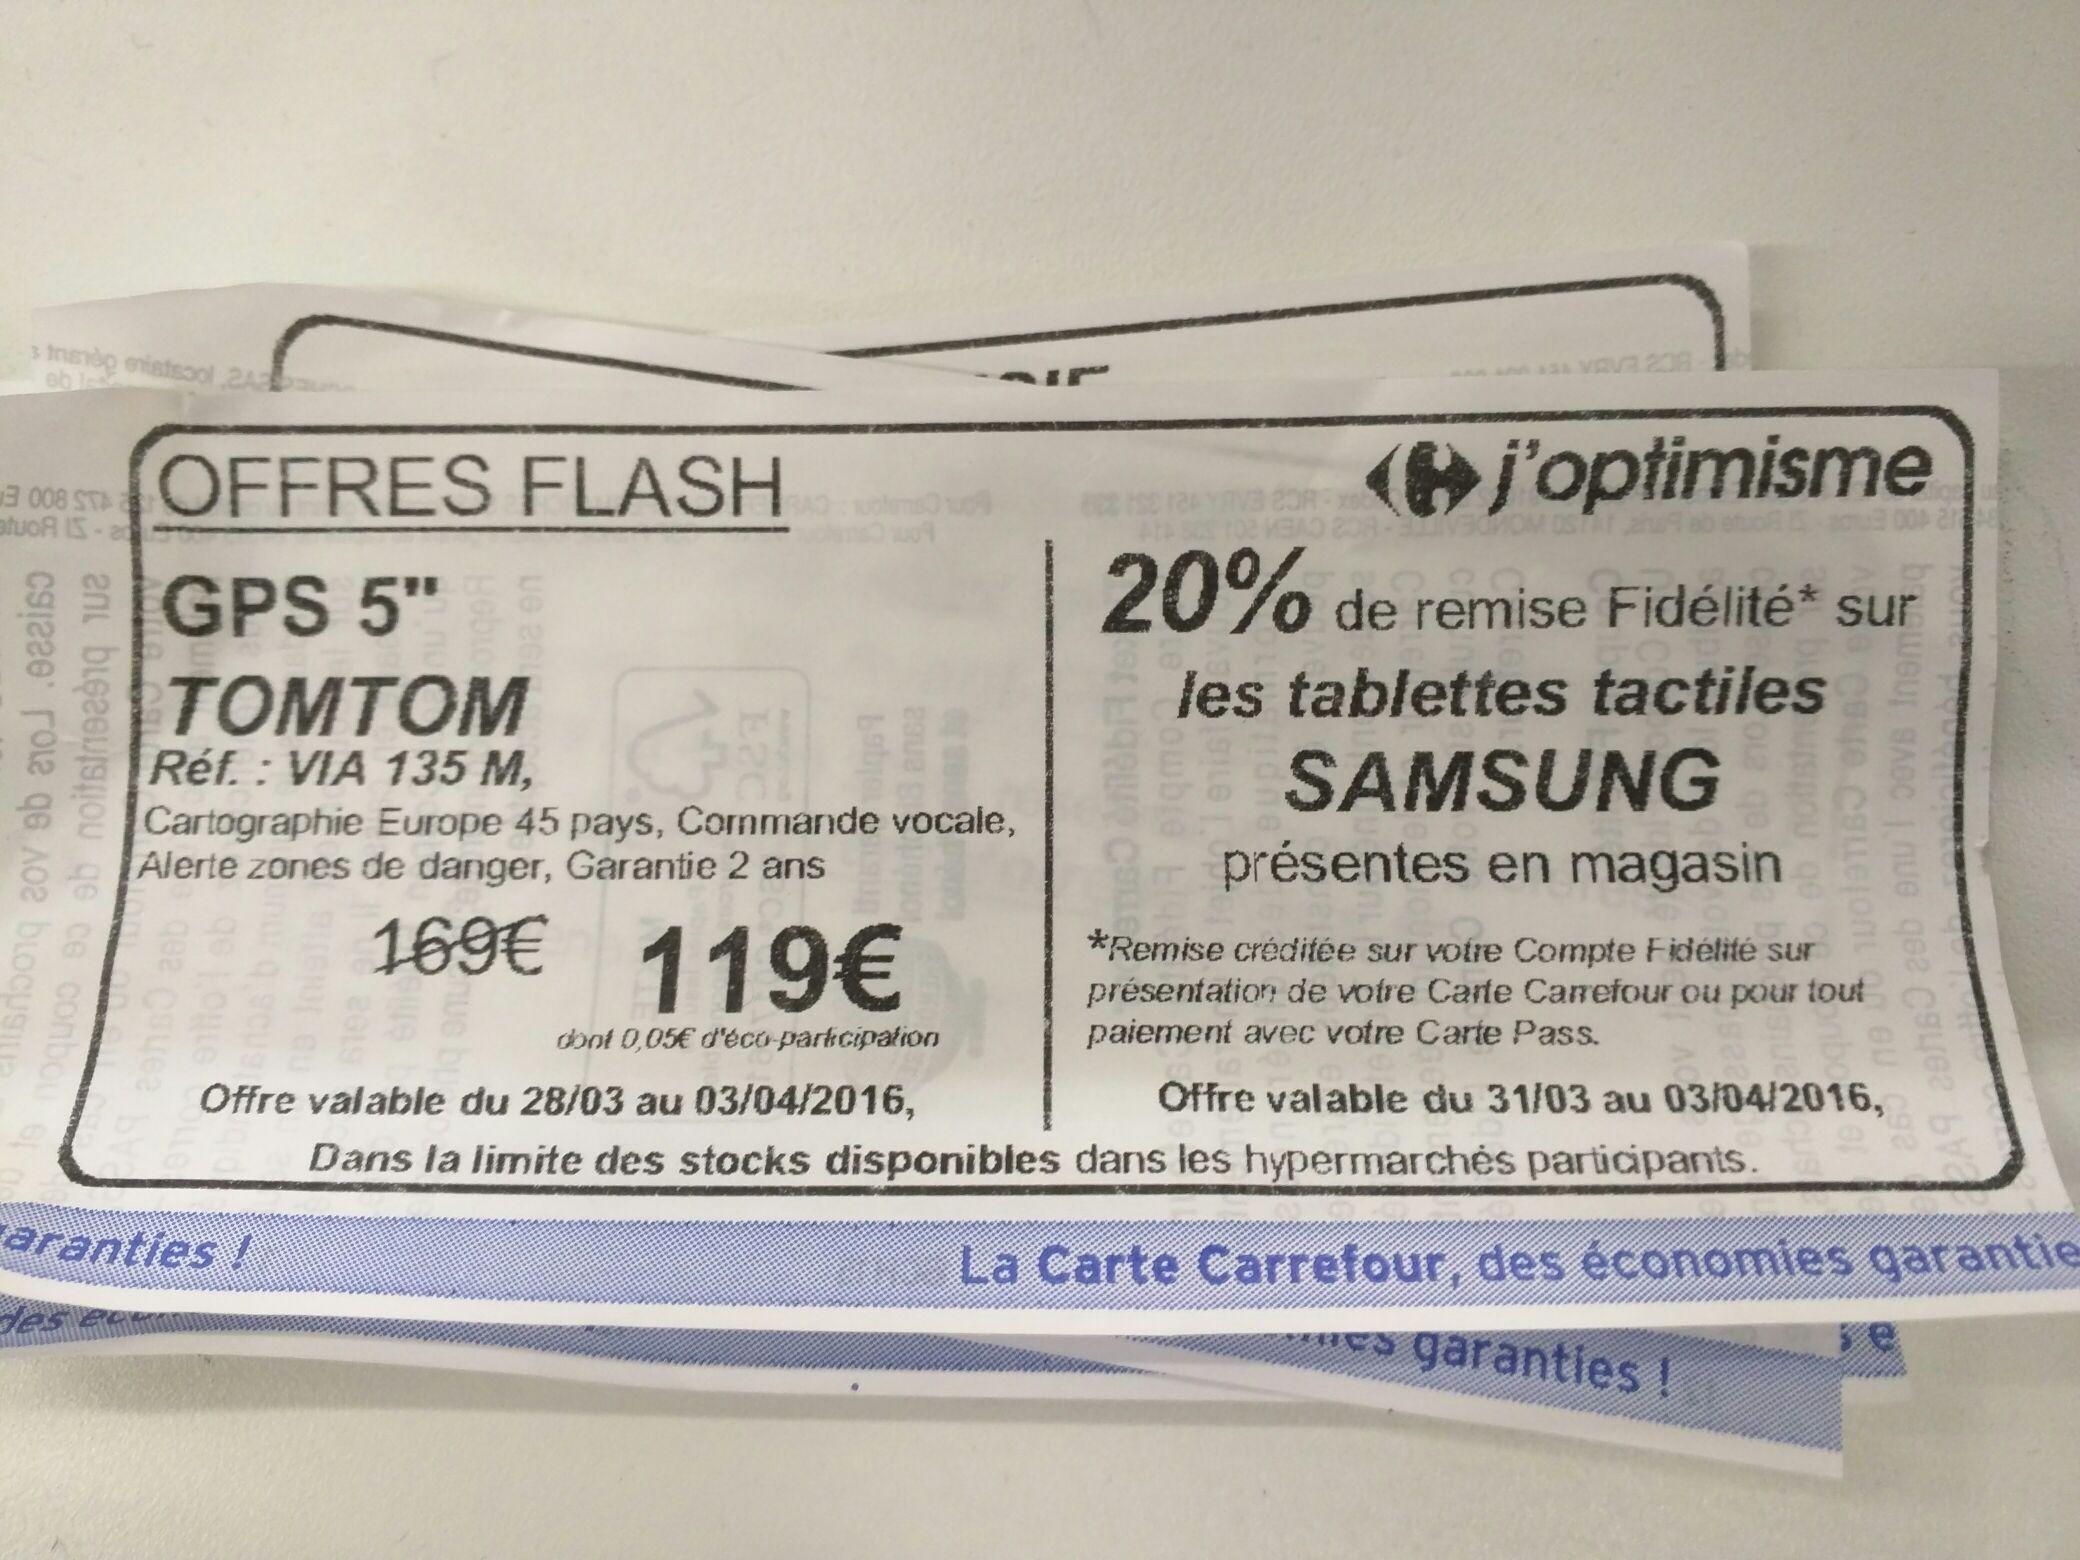 20% de remise Fidélité sur les tablettes tactiles Samsung